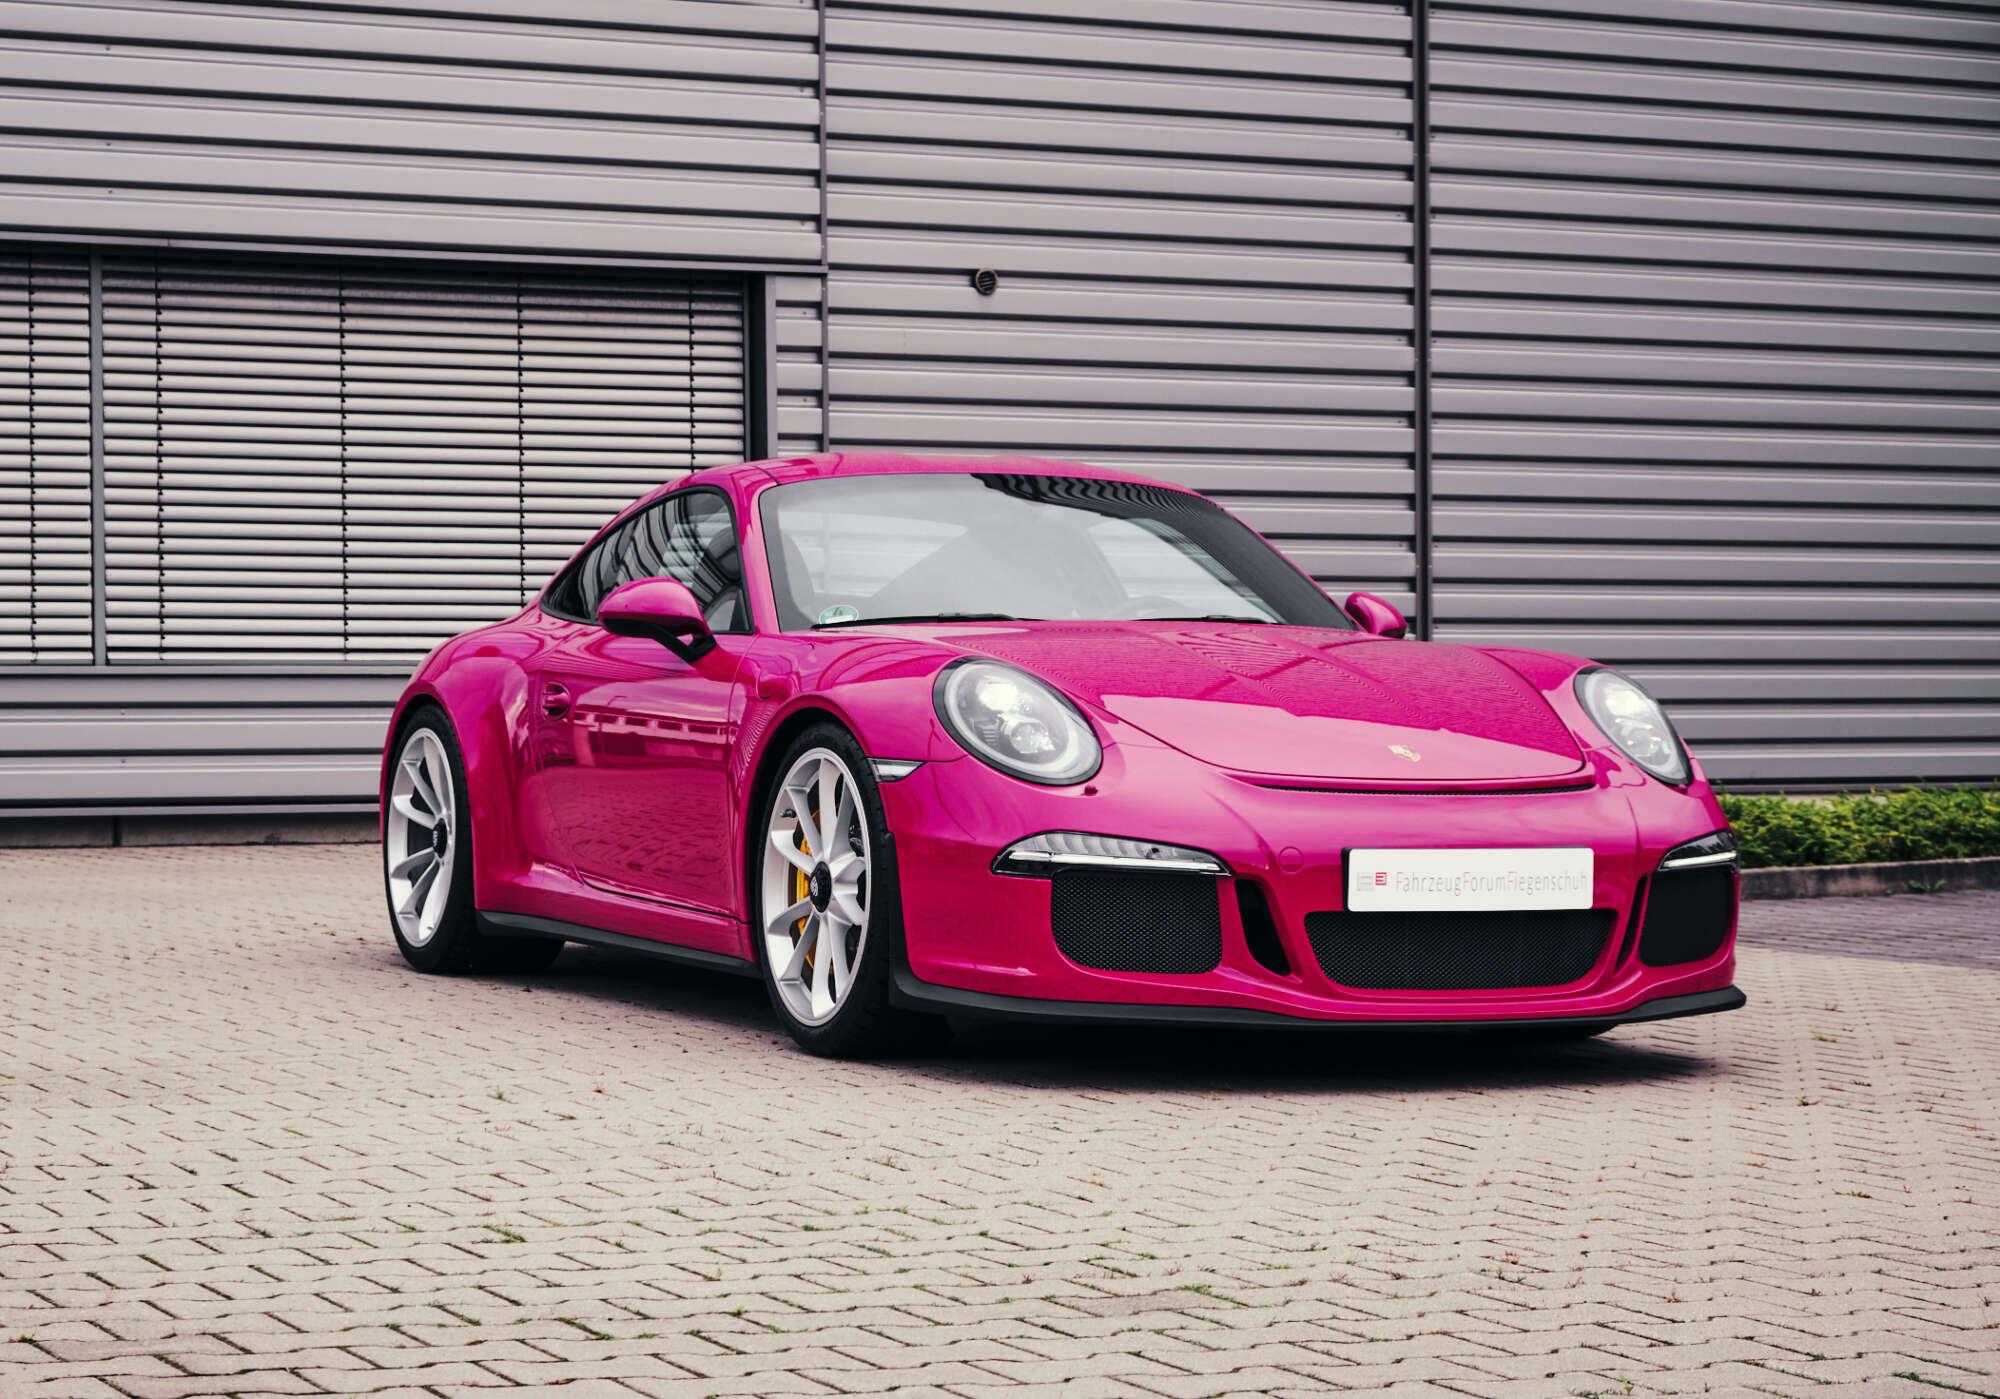 Porsche 911 R gebraucht kaufen Preis